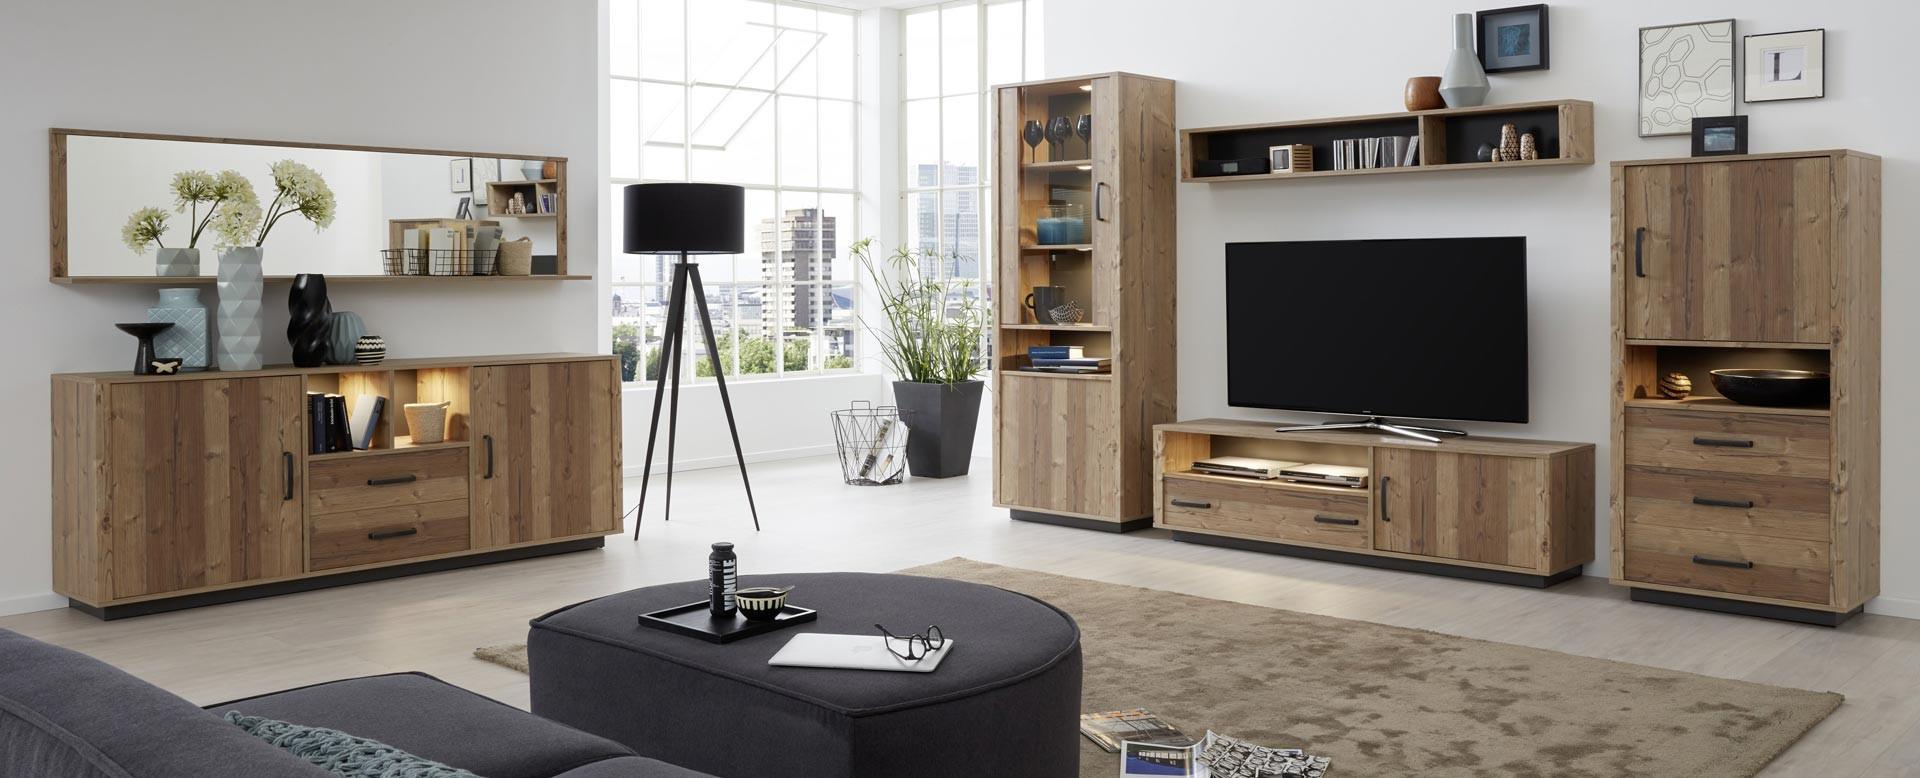 Möbel Akut Bielefeld  Möbel Küchen Sofas günstig kaufen